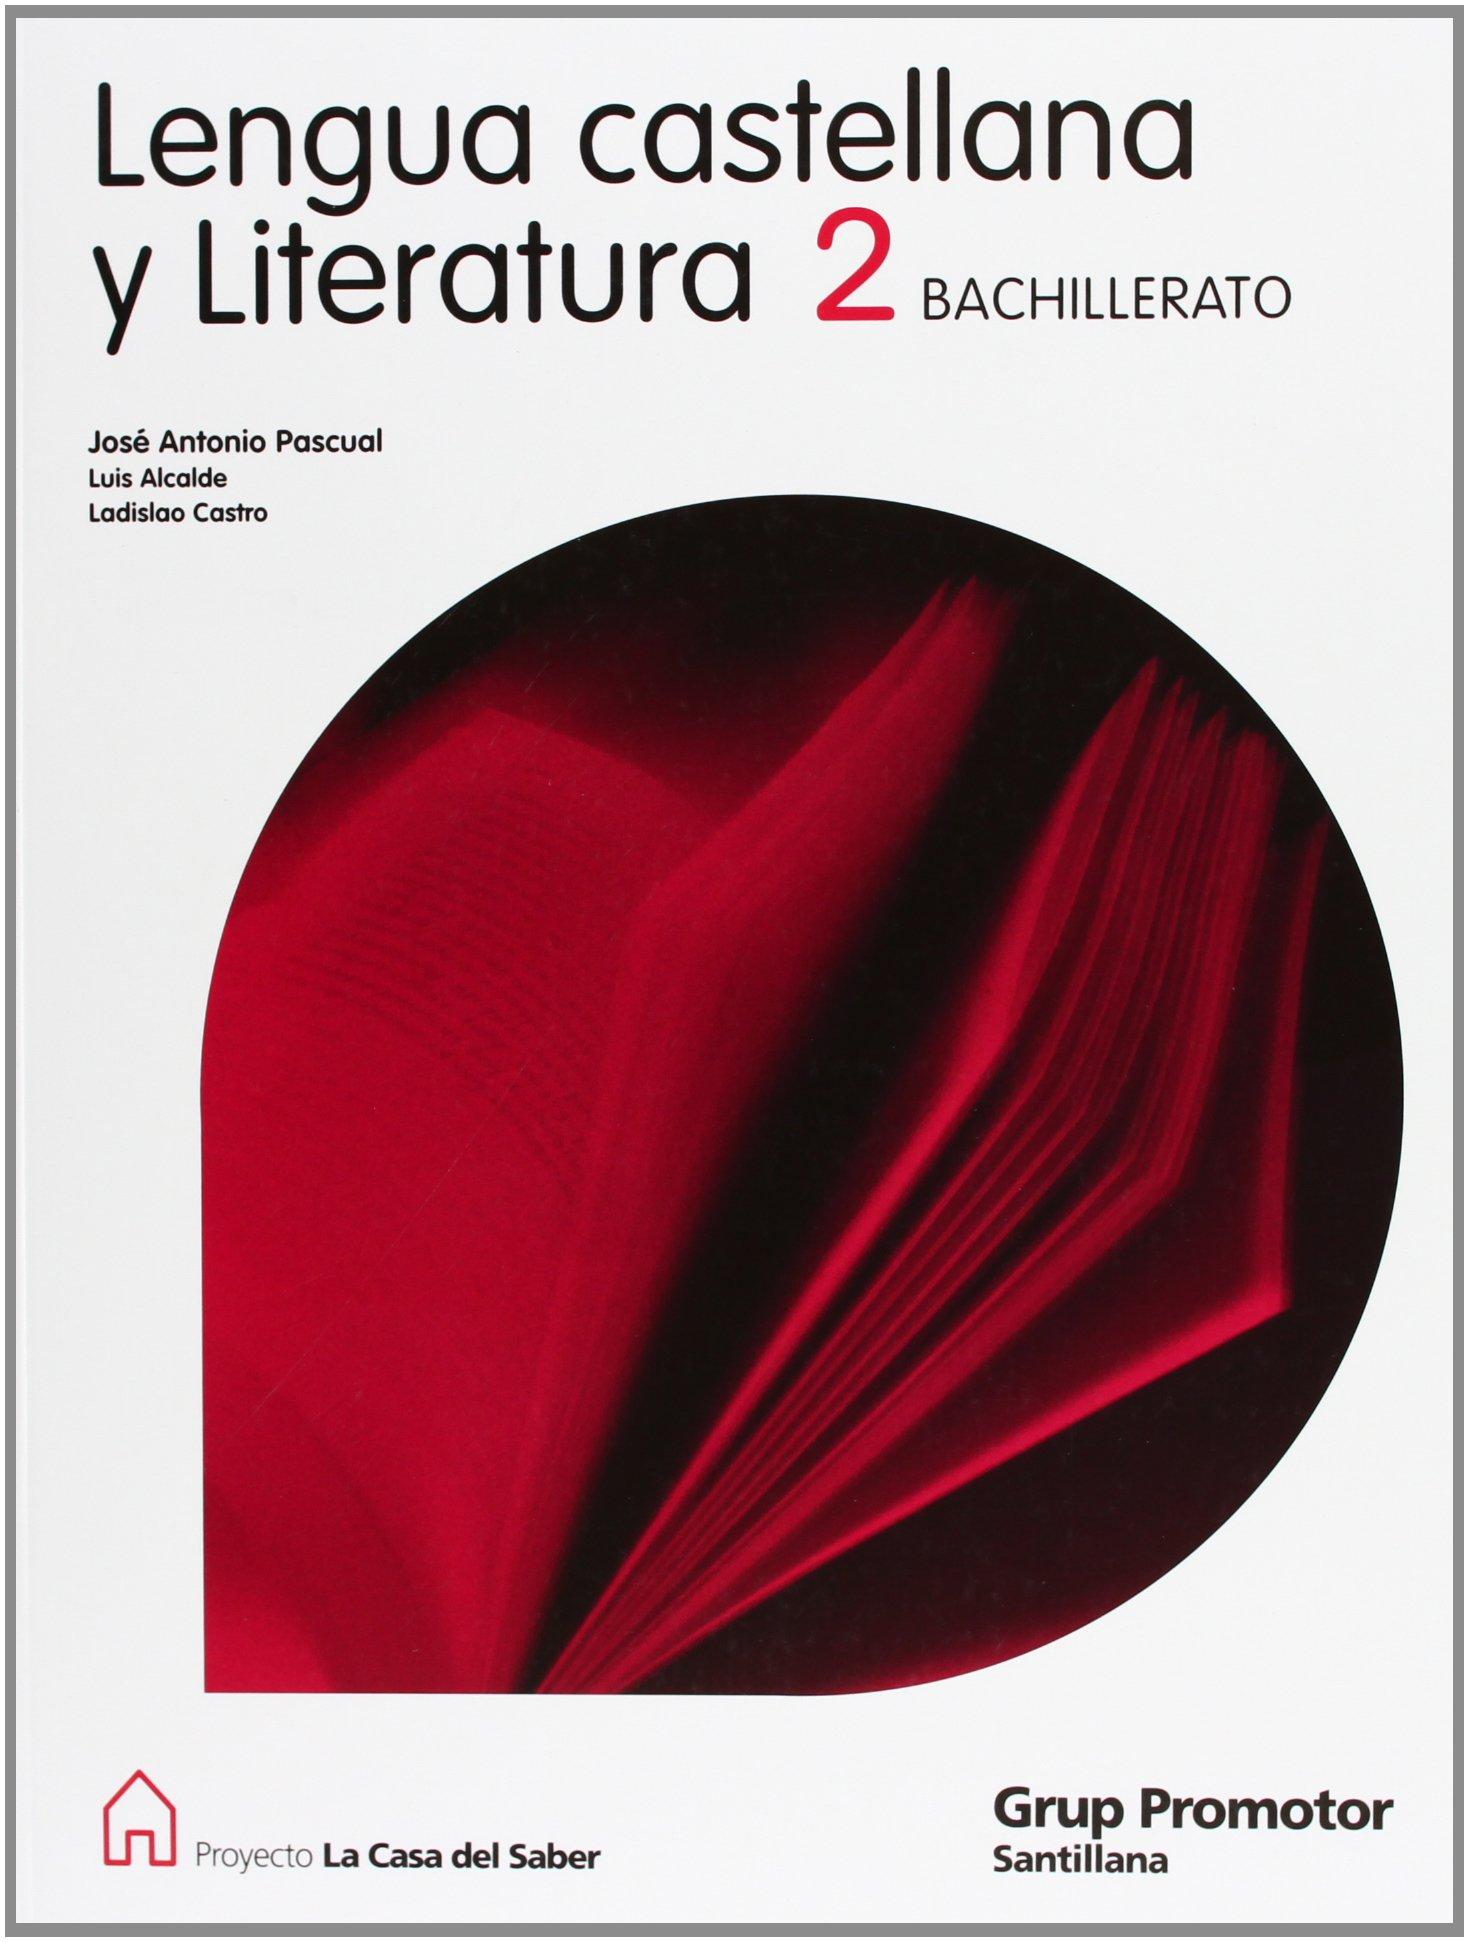 Lengua Castellana y Literatura 2 Bachillerato La Casa Del Saber Catalan Grup Promotor - 9788479183936: Amazon.es: Alcalde Cuevas, Luis, Castro Ramos, Ladislao, Pascual Rodriguez,Jose Antonio: Libros